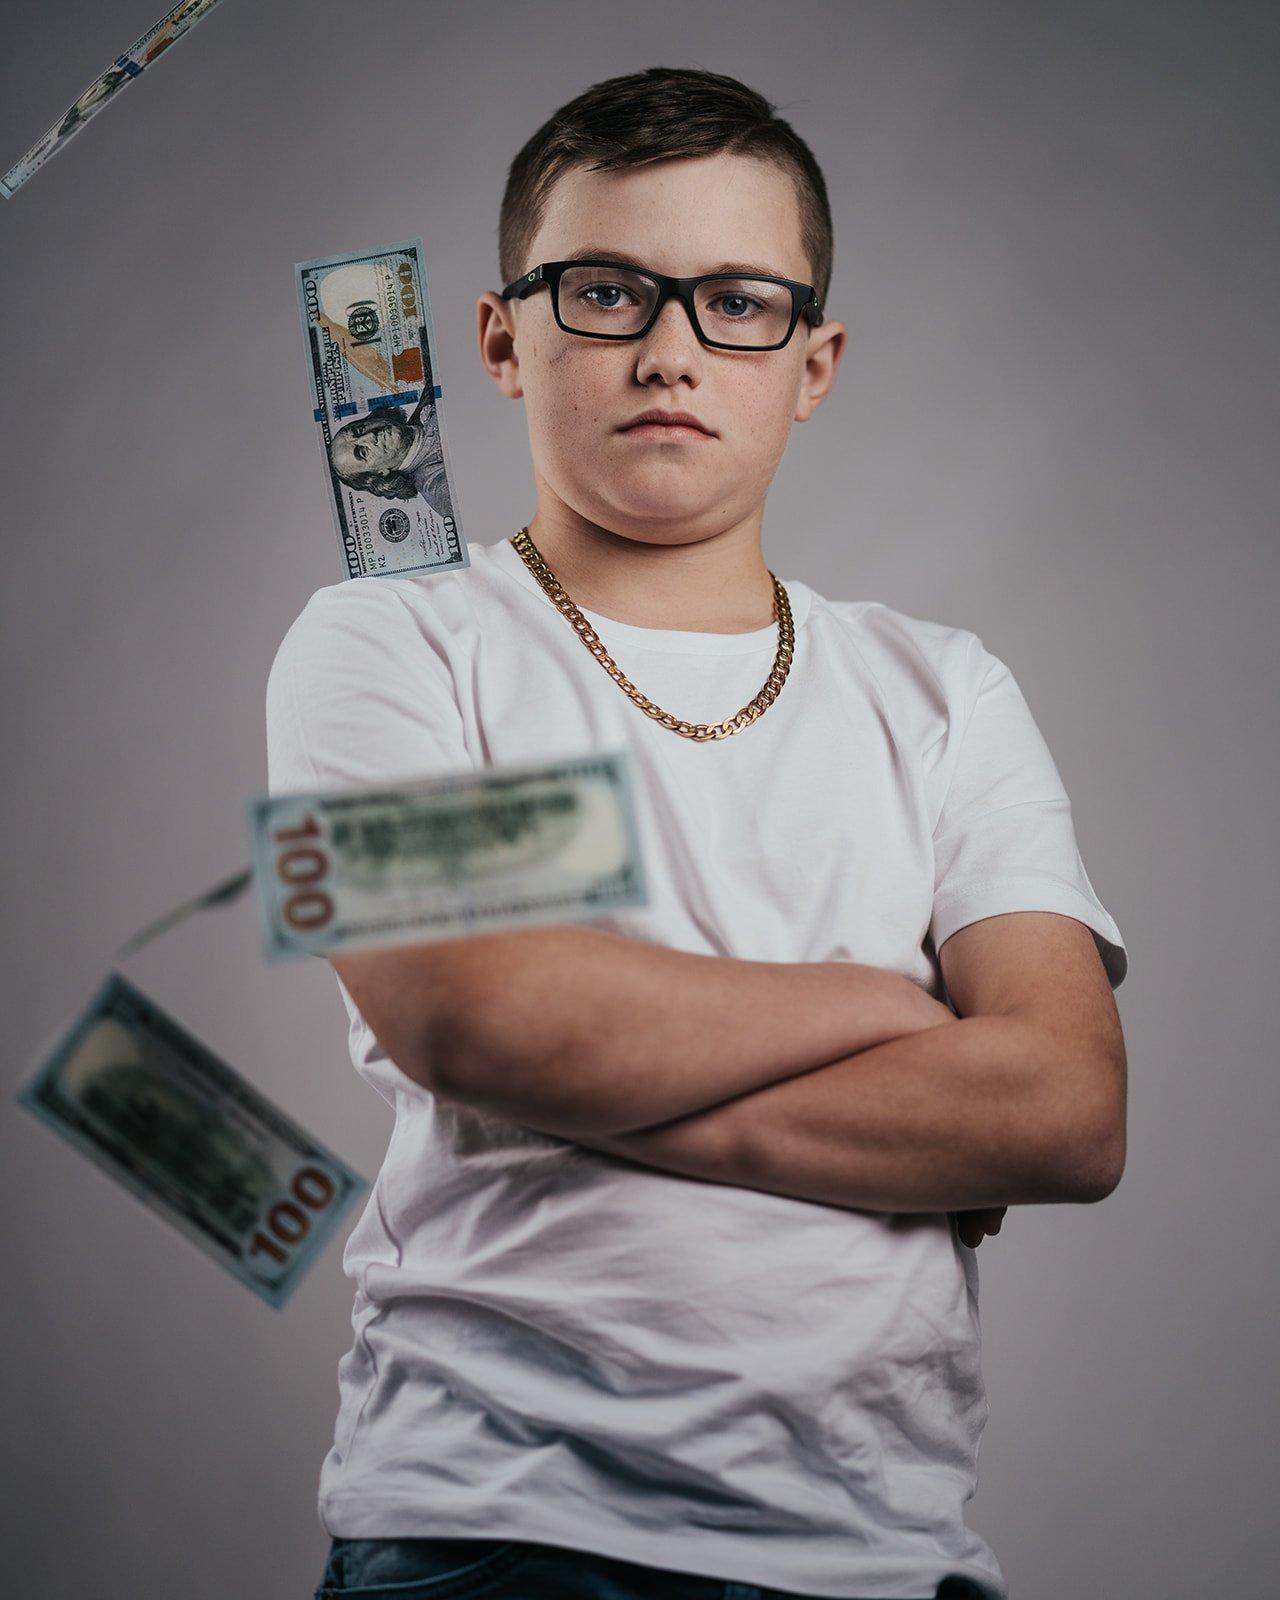 Cruise & Cash Photoshoot